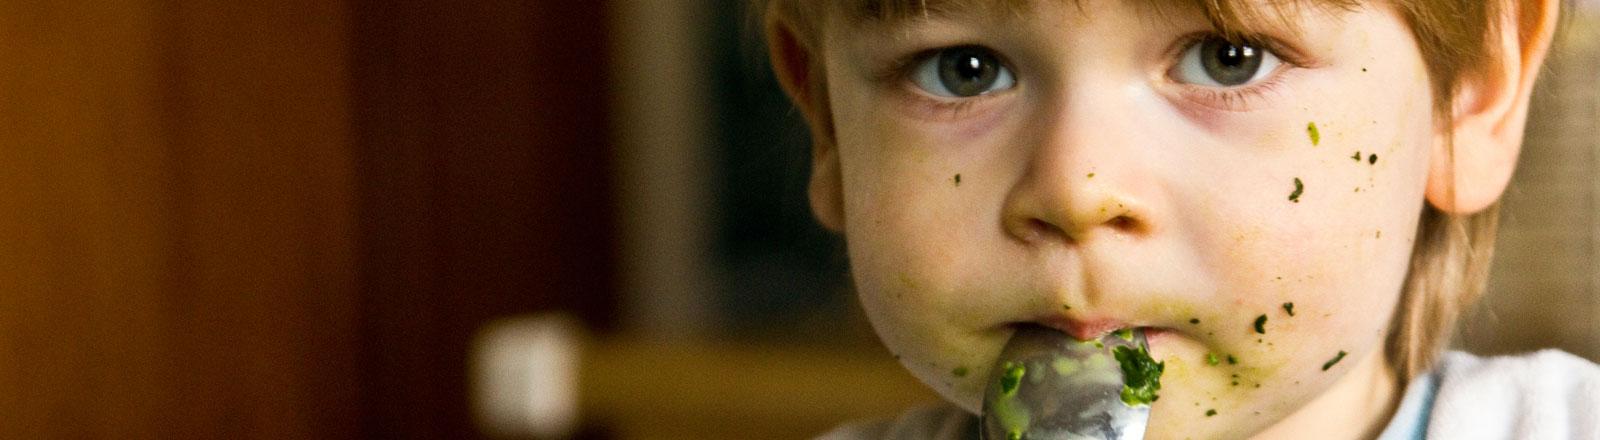 Kind mit Spiant im Gesicht, guckt traurig